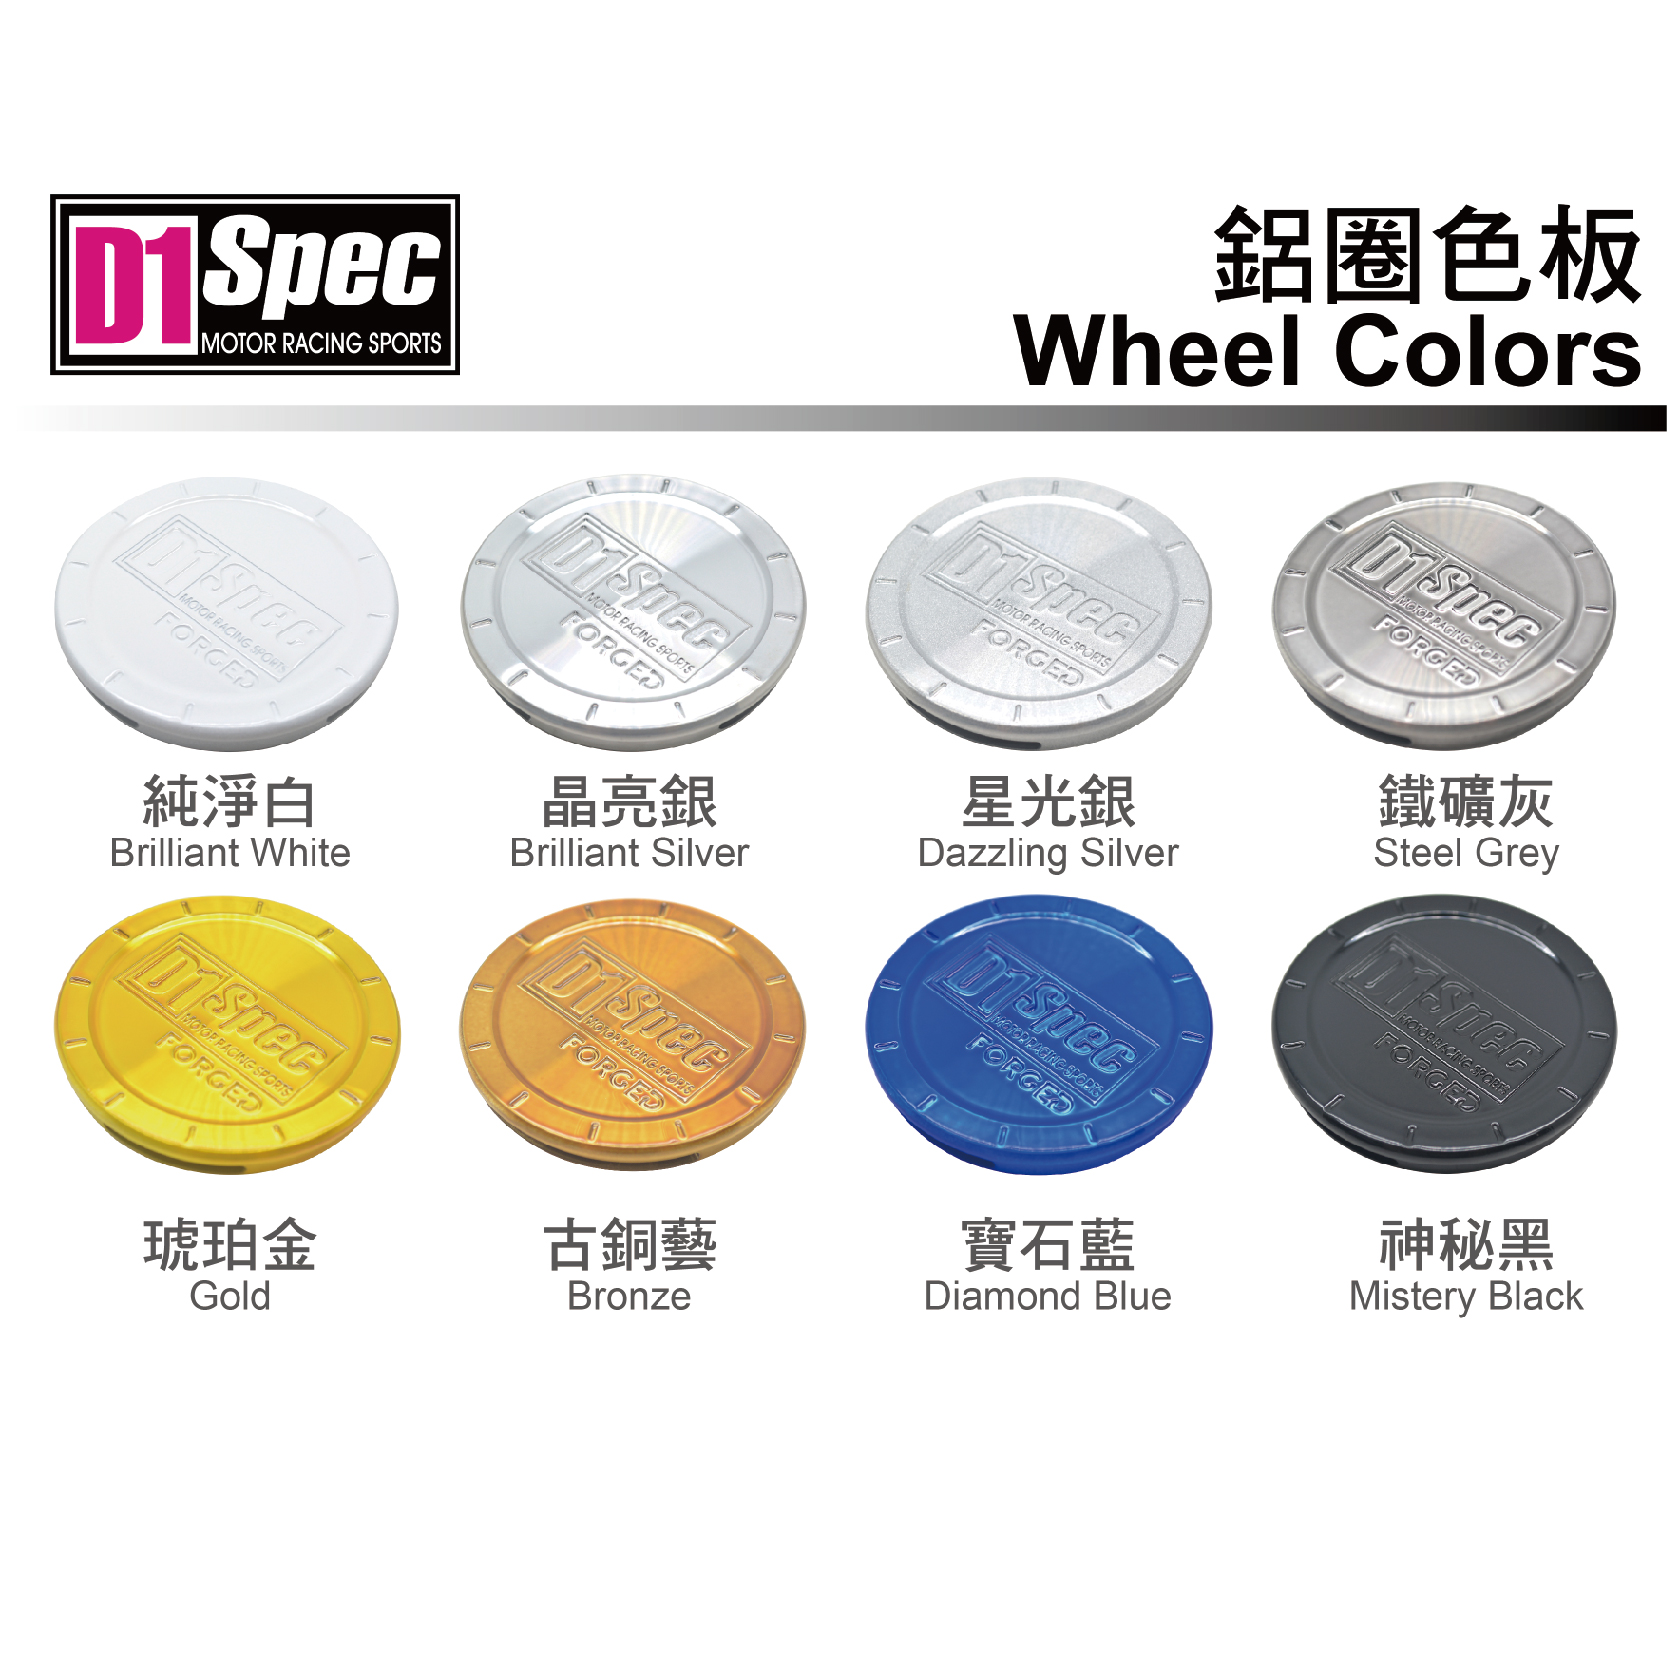 鍛造鋁圈-D1A20002